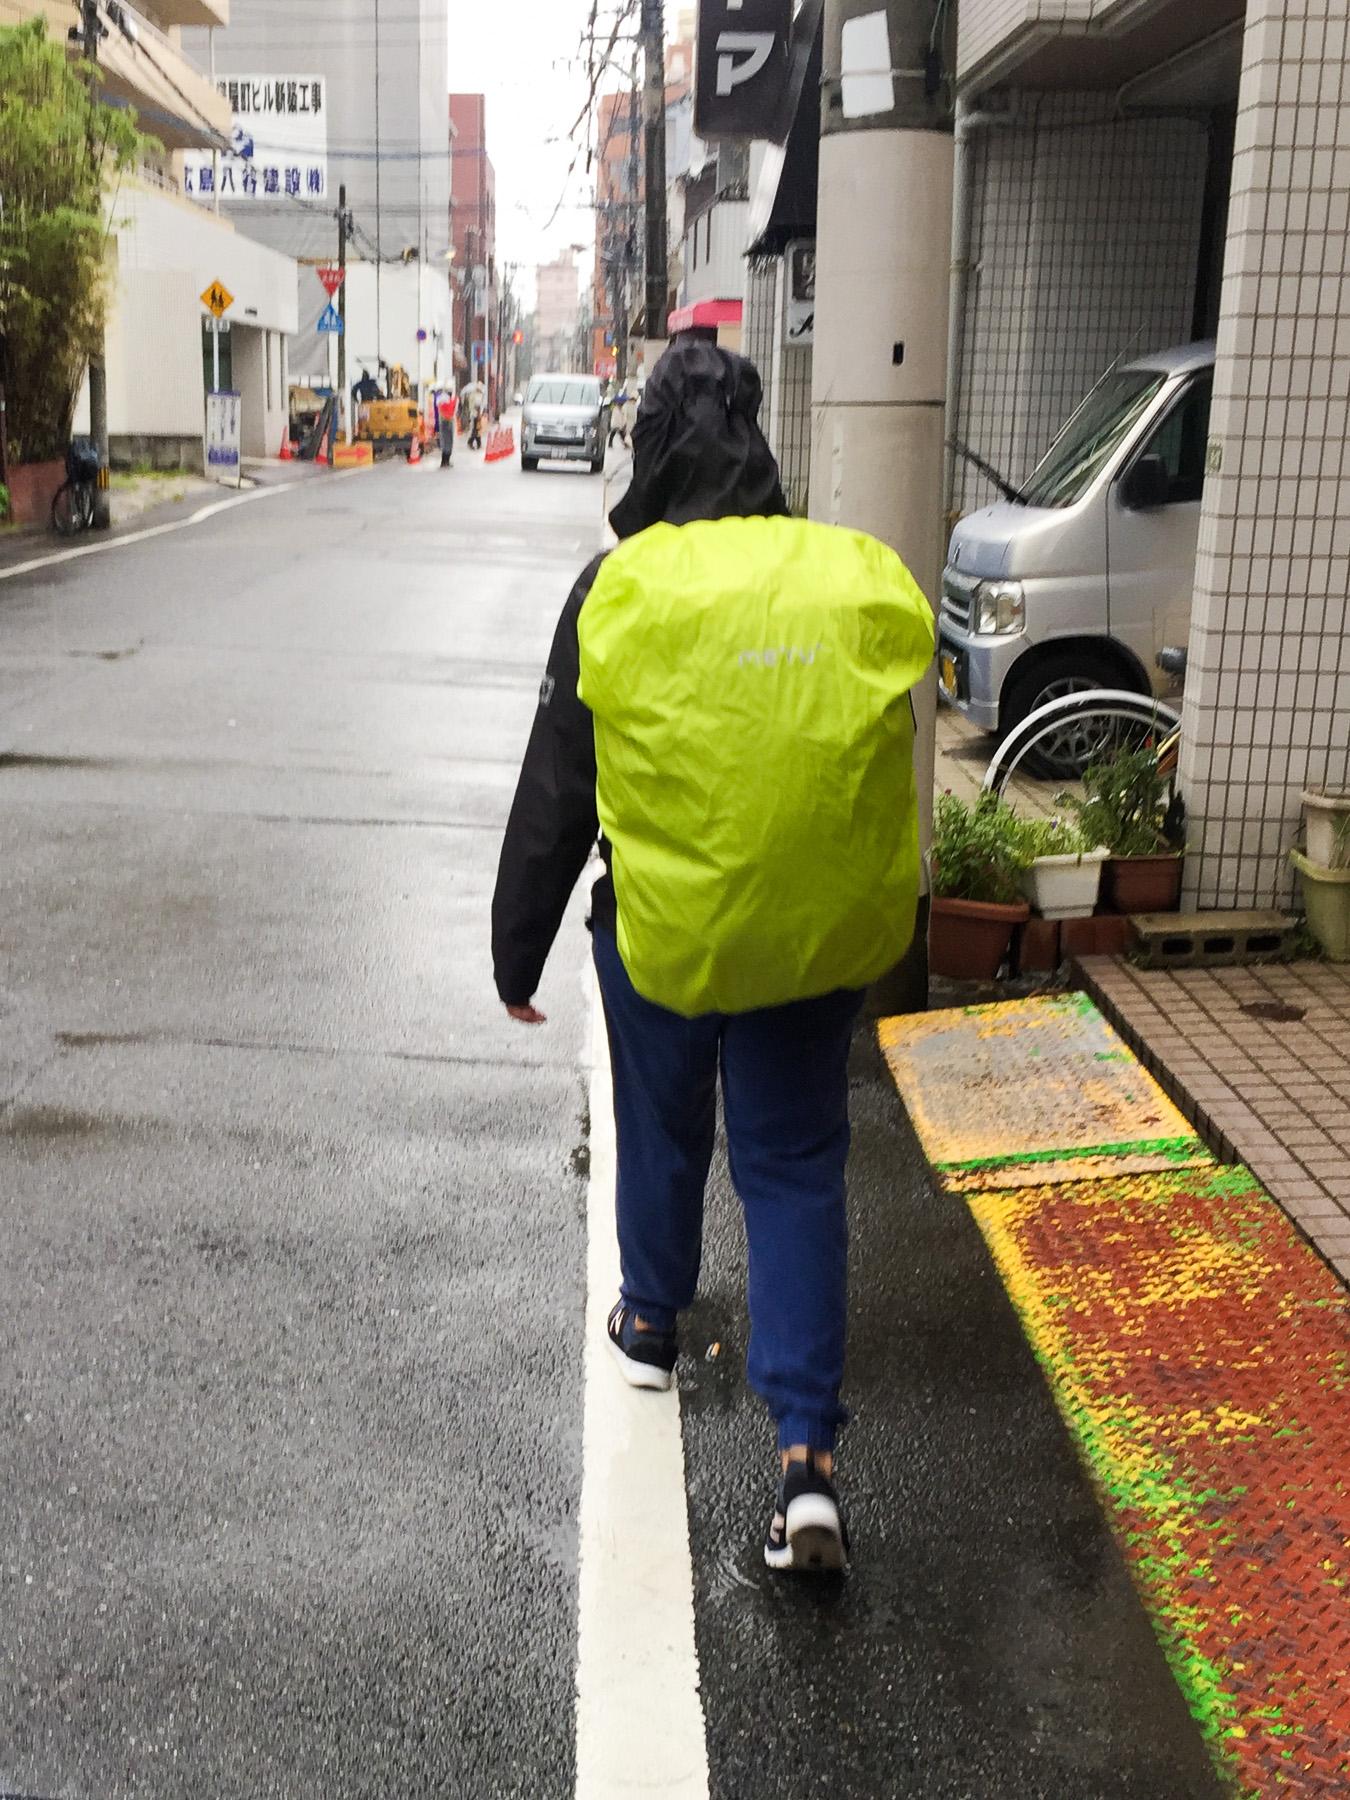 Und natürlich hat's am Reisetag wieder geregnet.